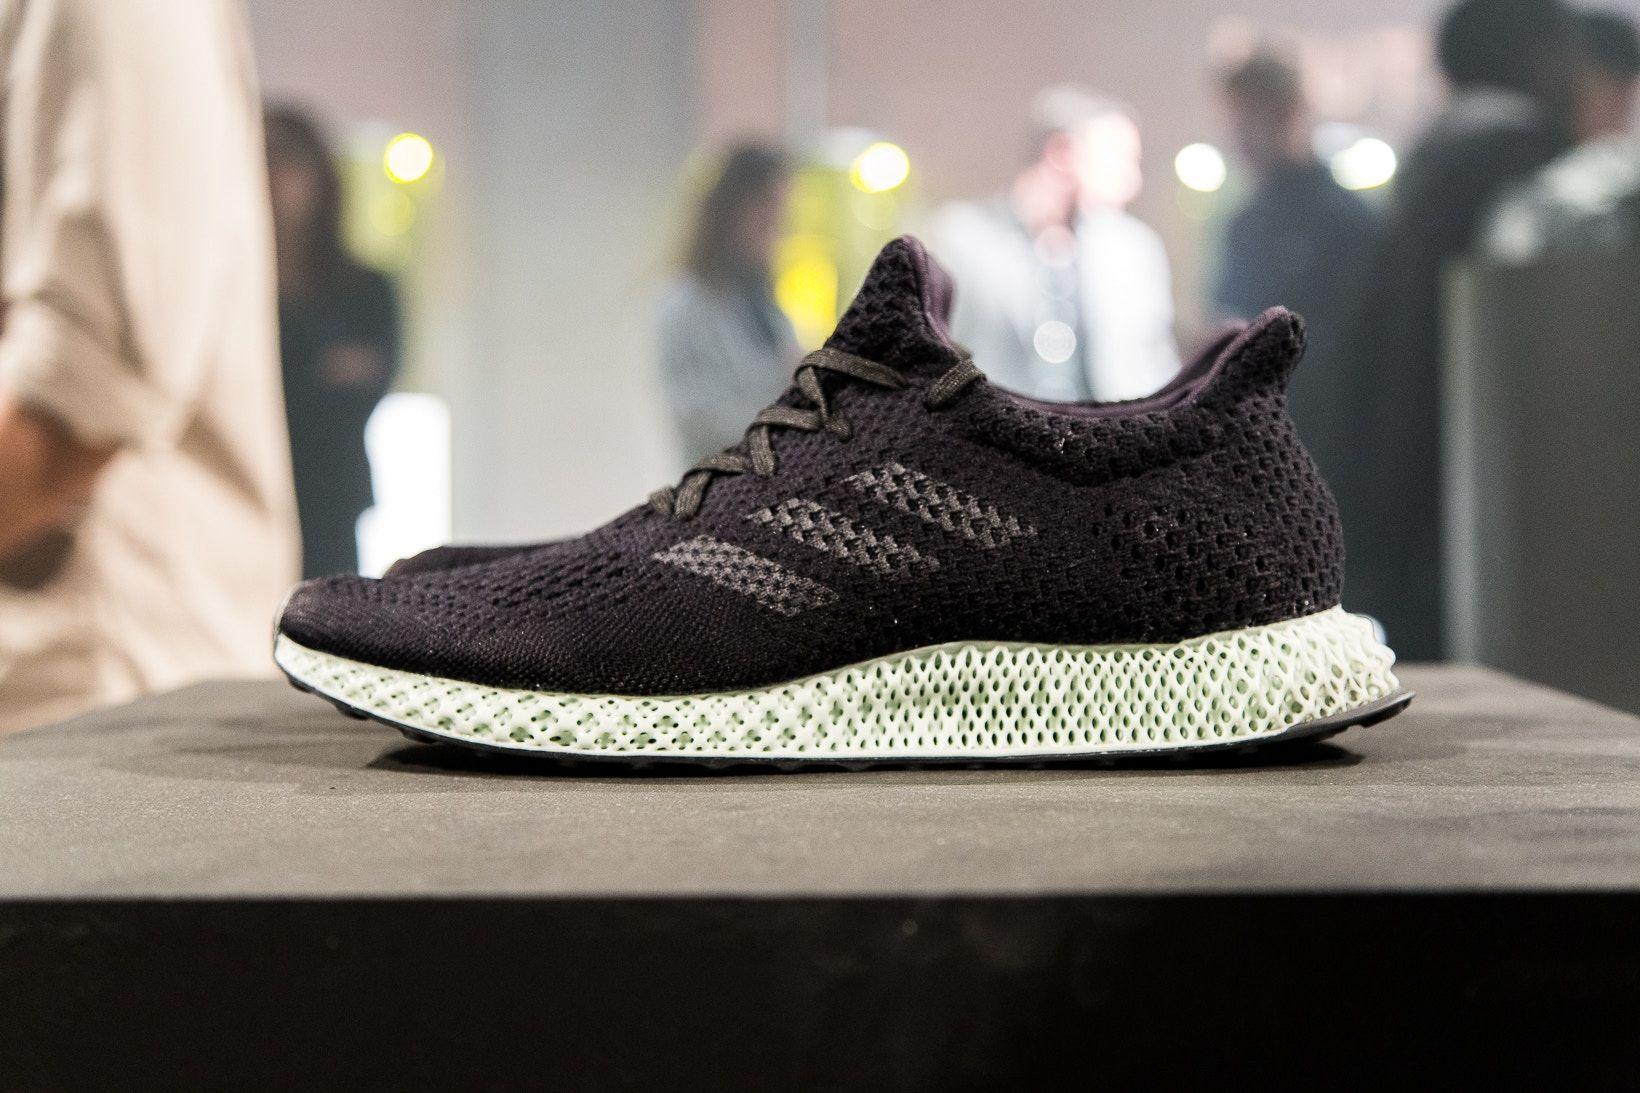 il tuo miglior look e piedi shot di adidas è innovativo futurecraft